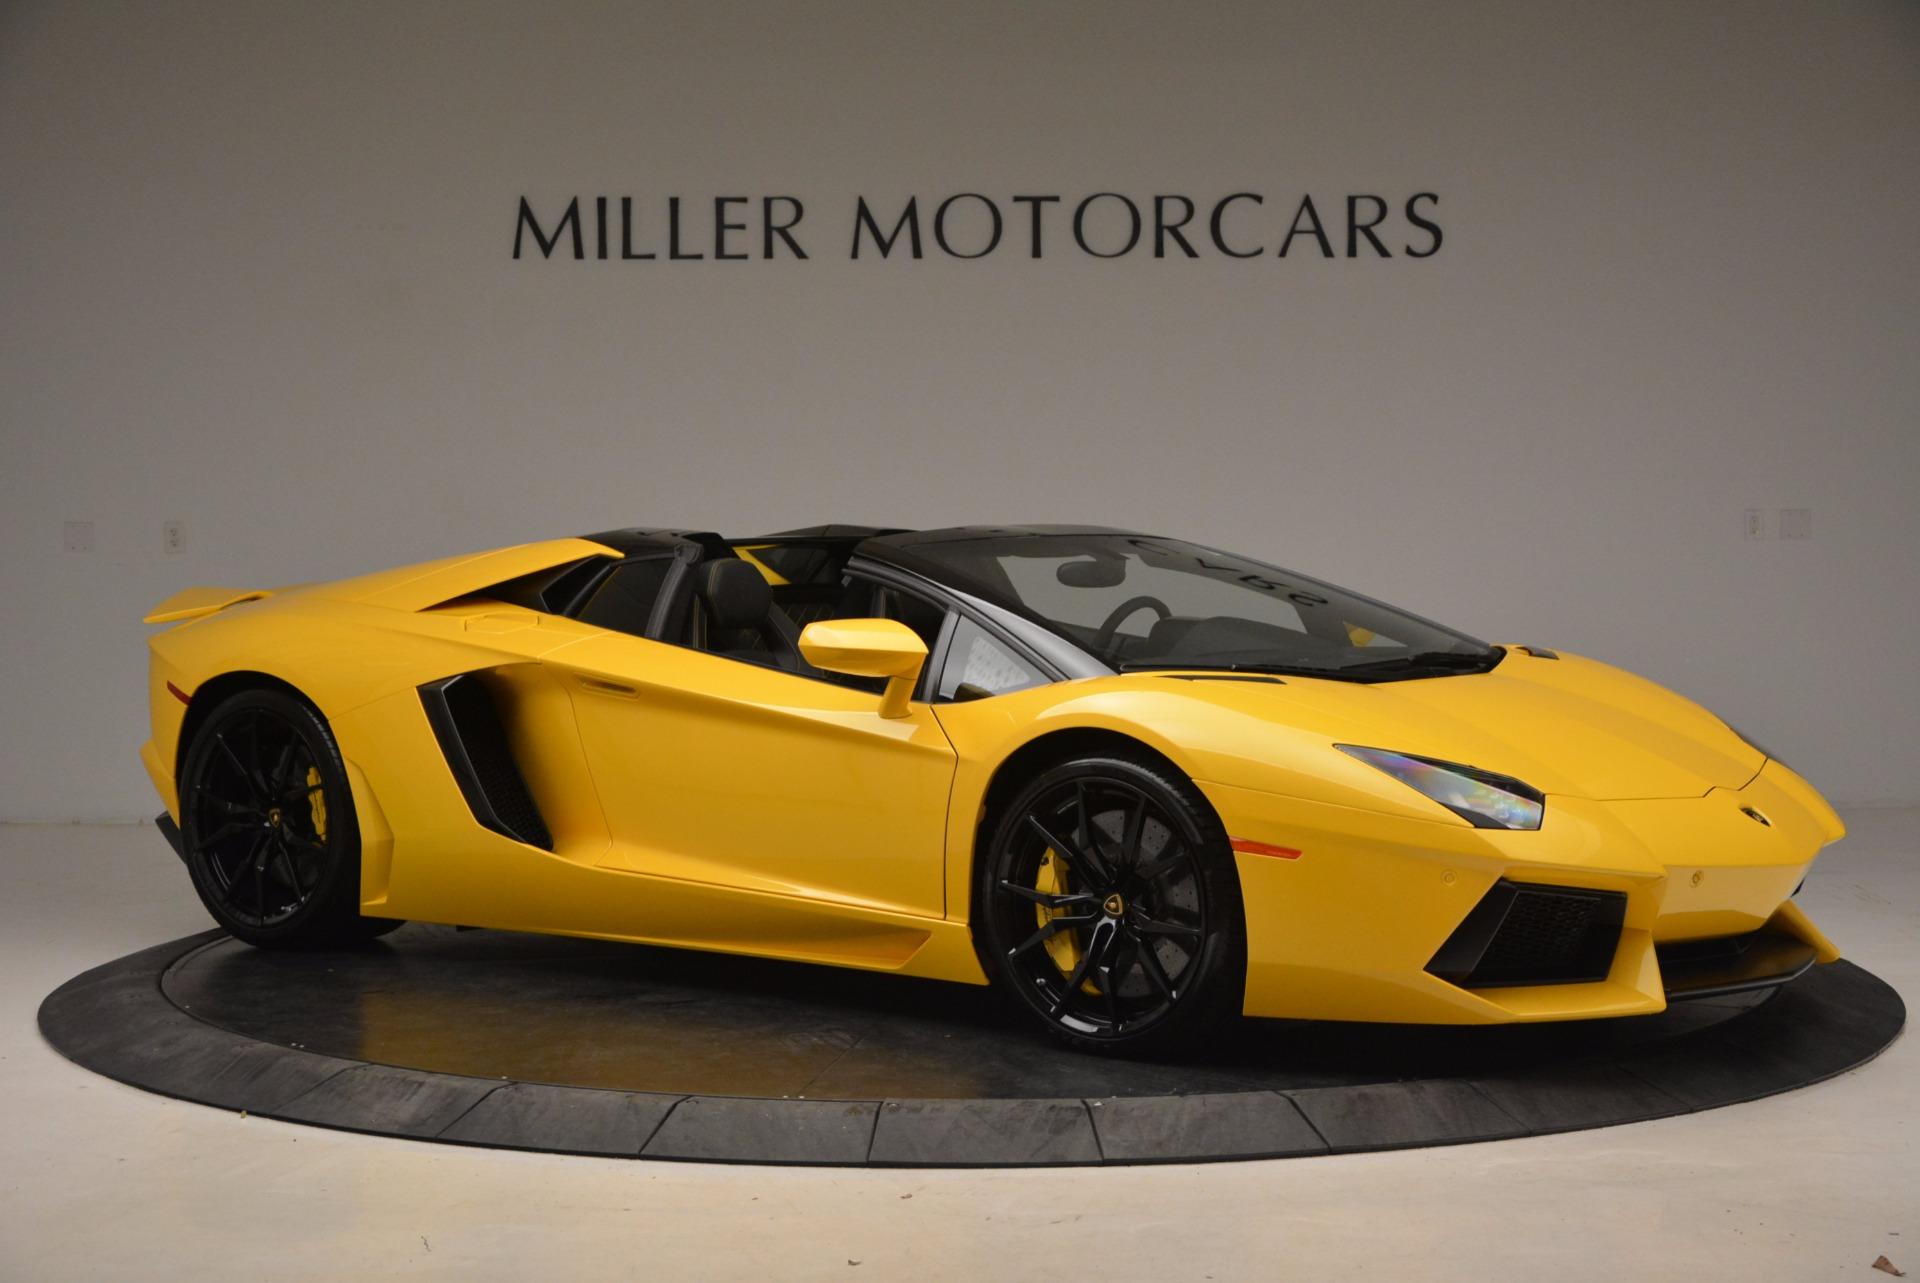 Used 2015 Lamborghini Aventador LP 700-4 Roadster For Sale In Greenwich, CT. Alfa Romeo of Greenwich, 7284 1774_p11